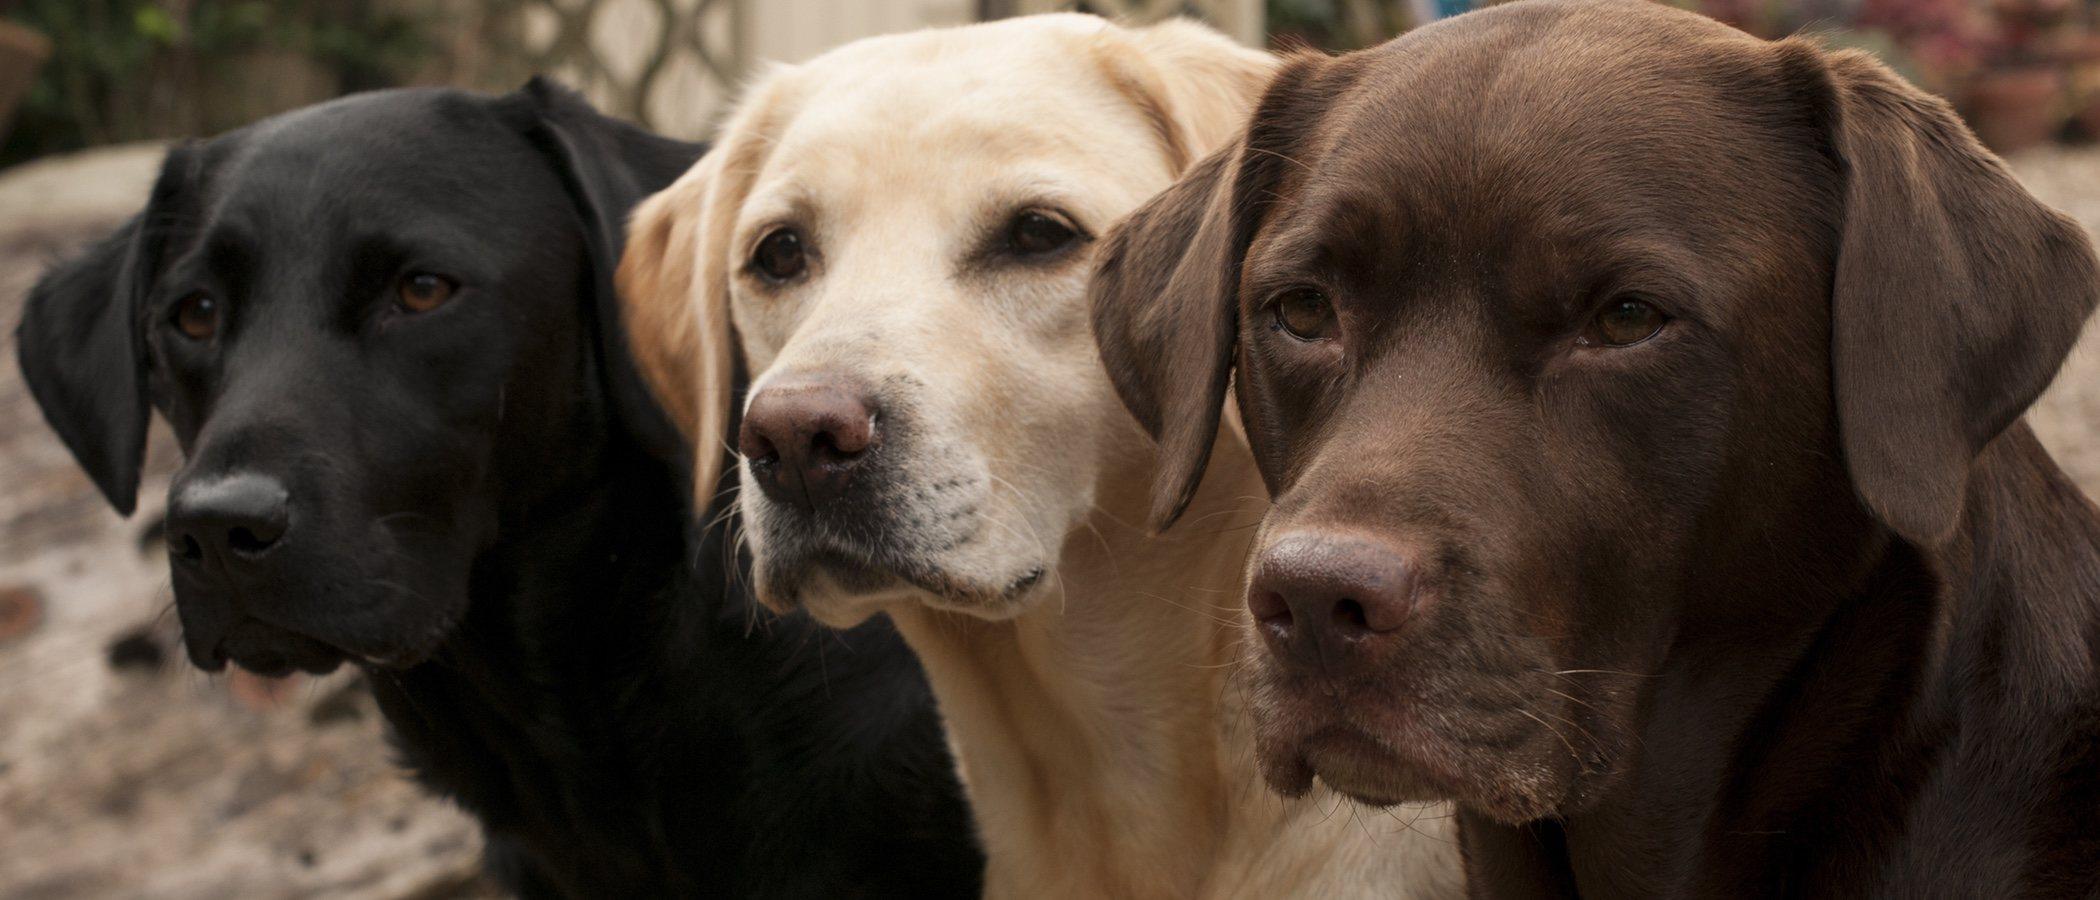 Clasificación de razas de perros por continente: América